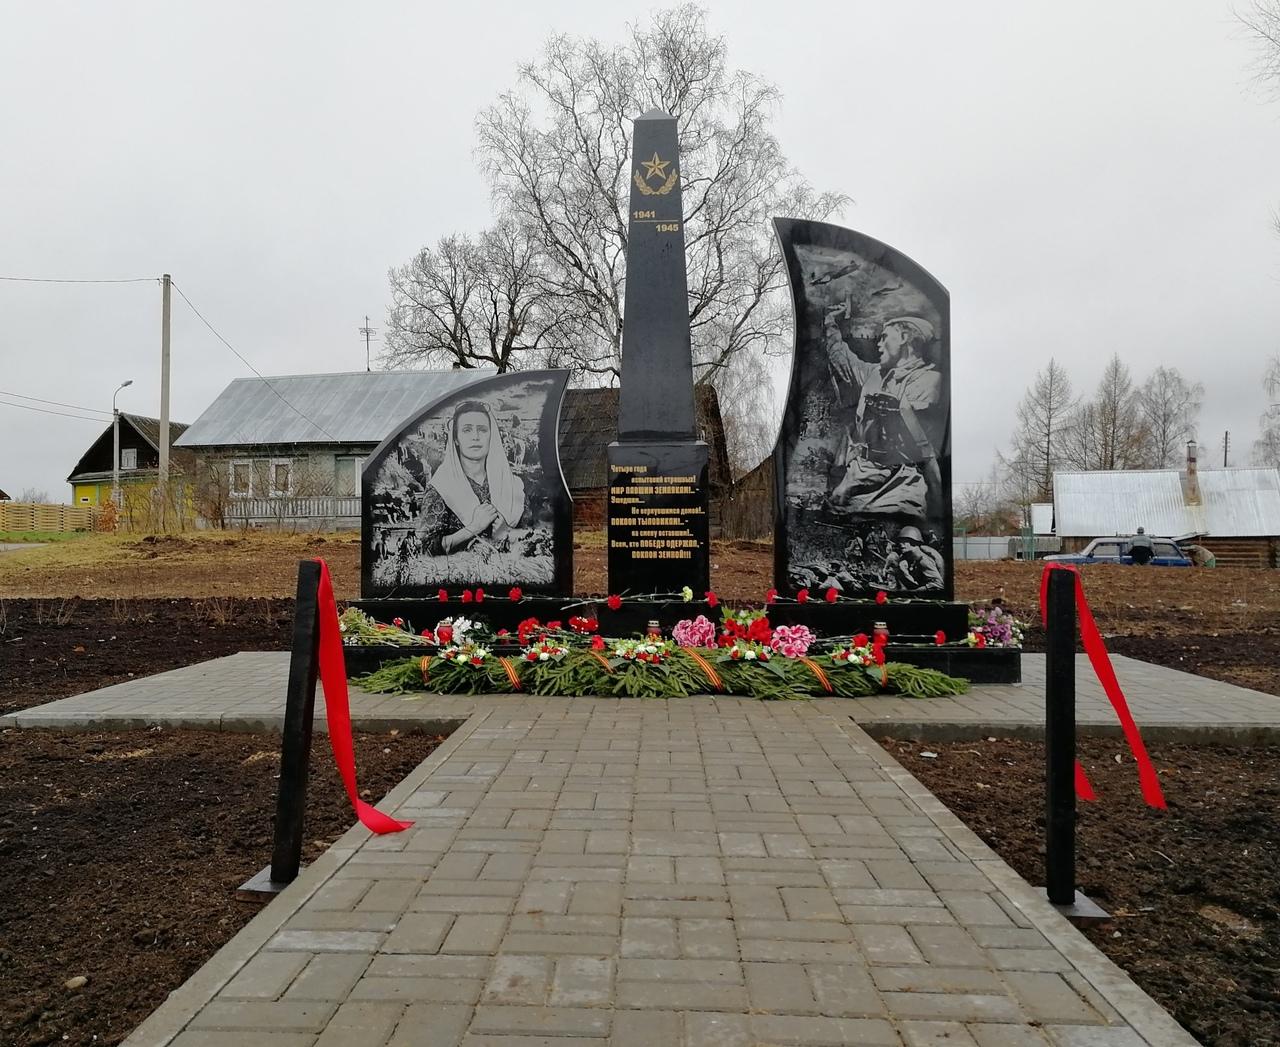 В Бологовском районе Тверской области на средства местных жителей установили мемориал в честь погибших в Великой Отечественной войне